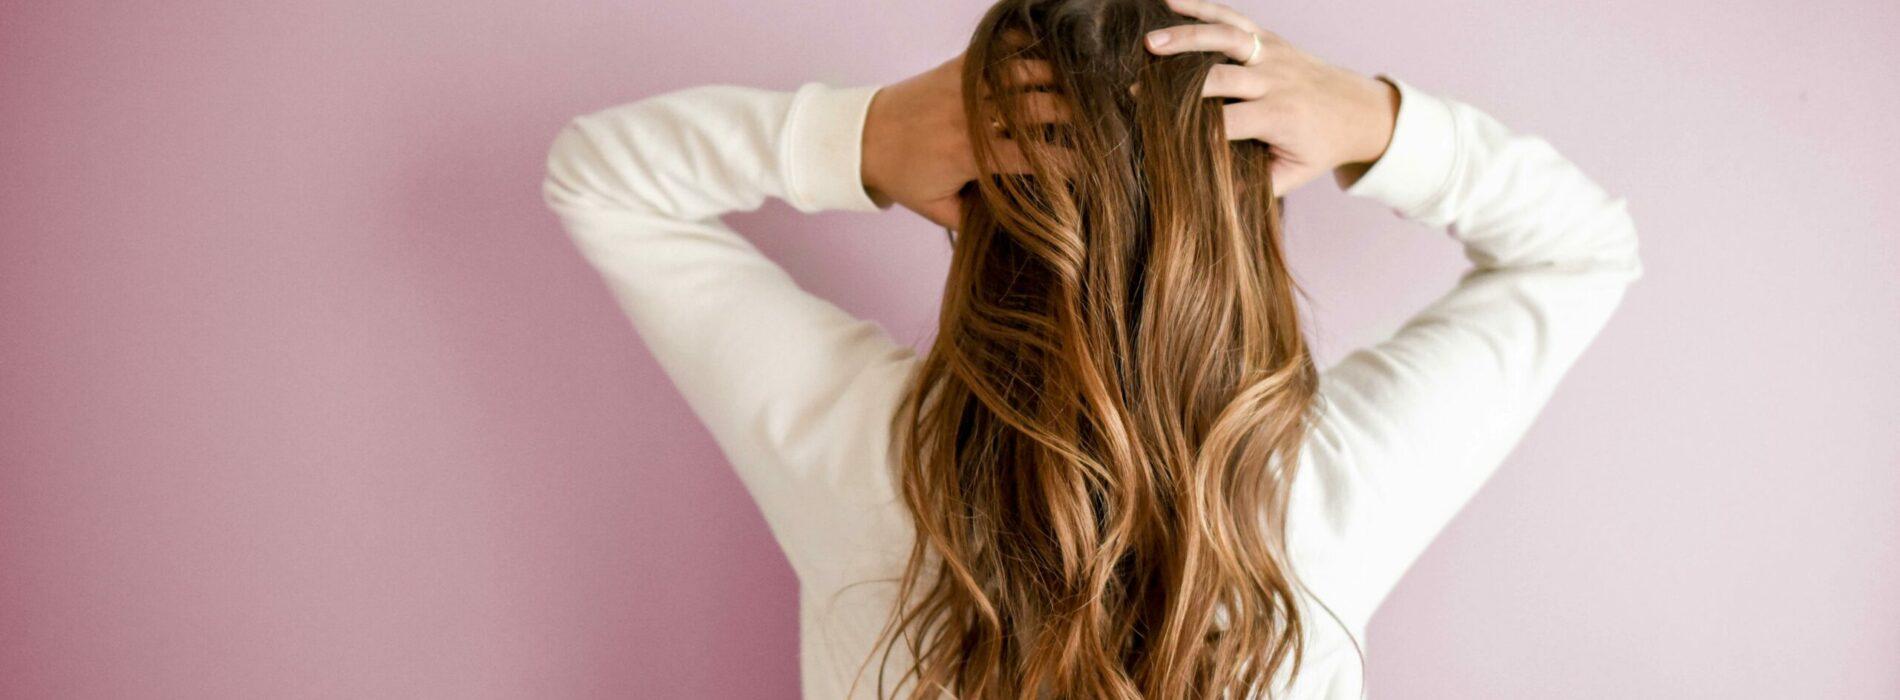 Włosy na detoksie. Jak oczyścić włosy i skórę głowy z silikonów?